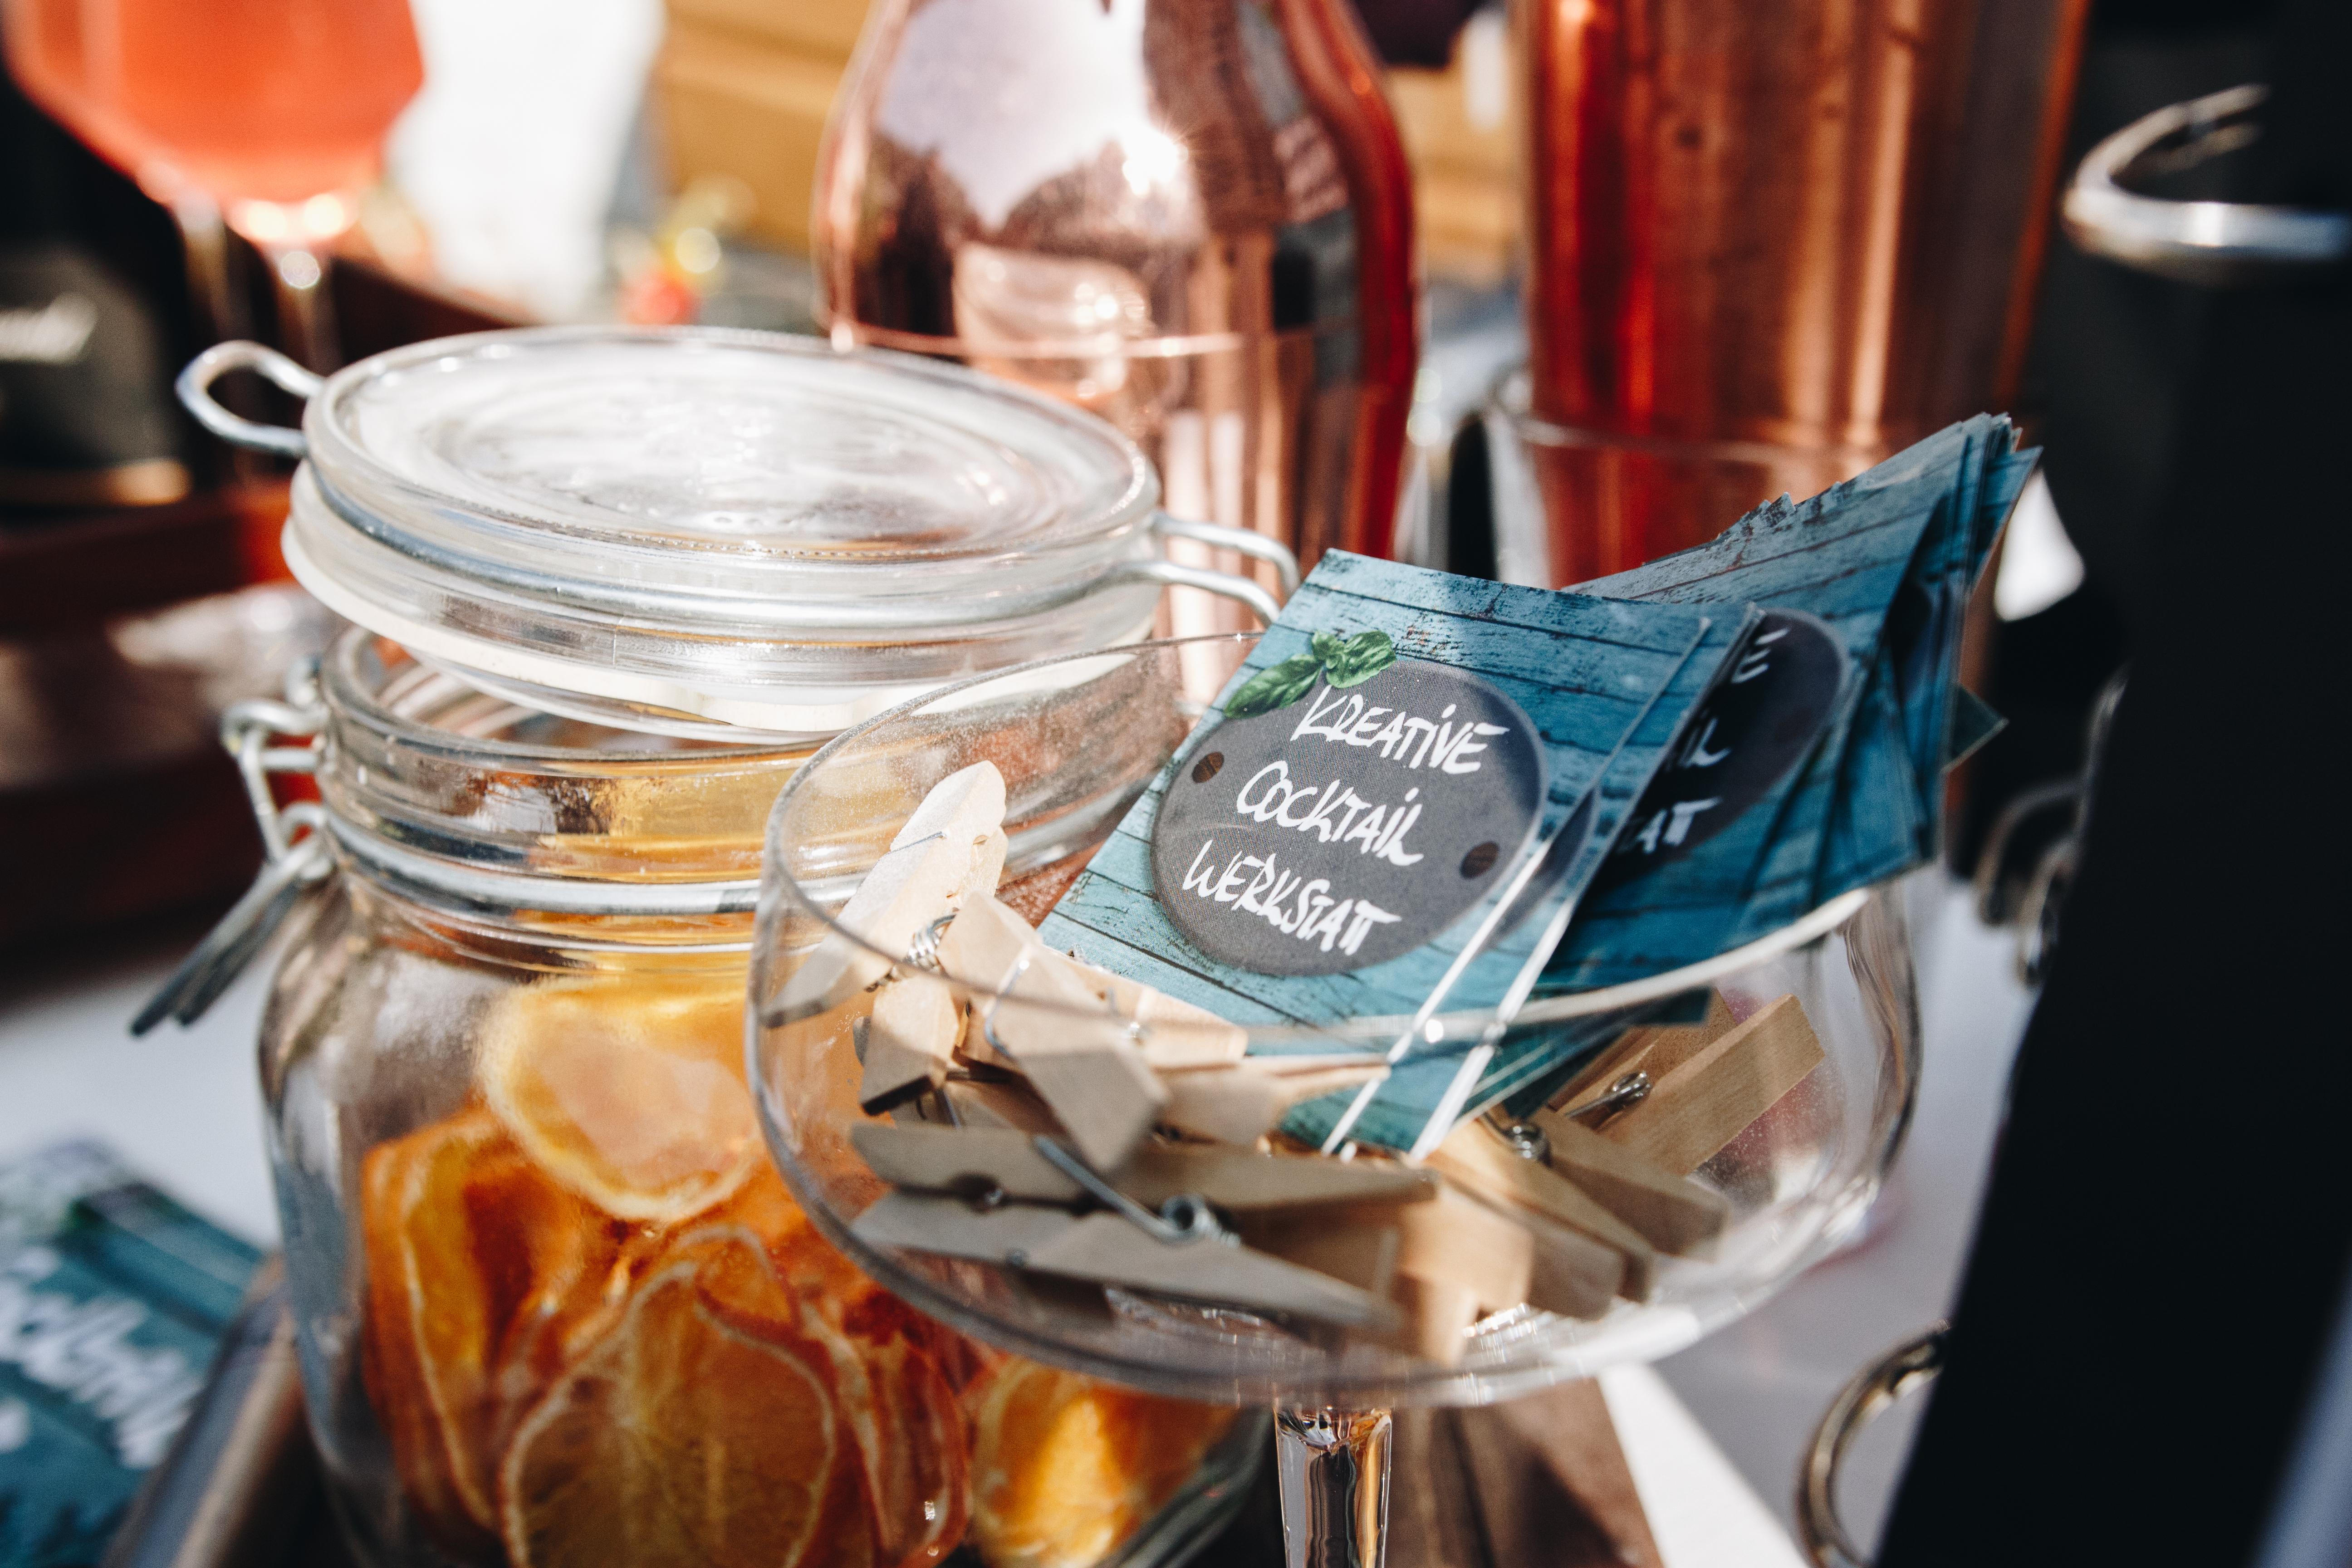 vintage wedding tour_agentur traumhochzeit_leipzig_annabelle sagt13